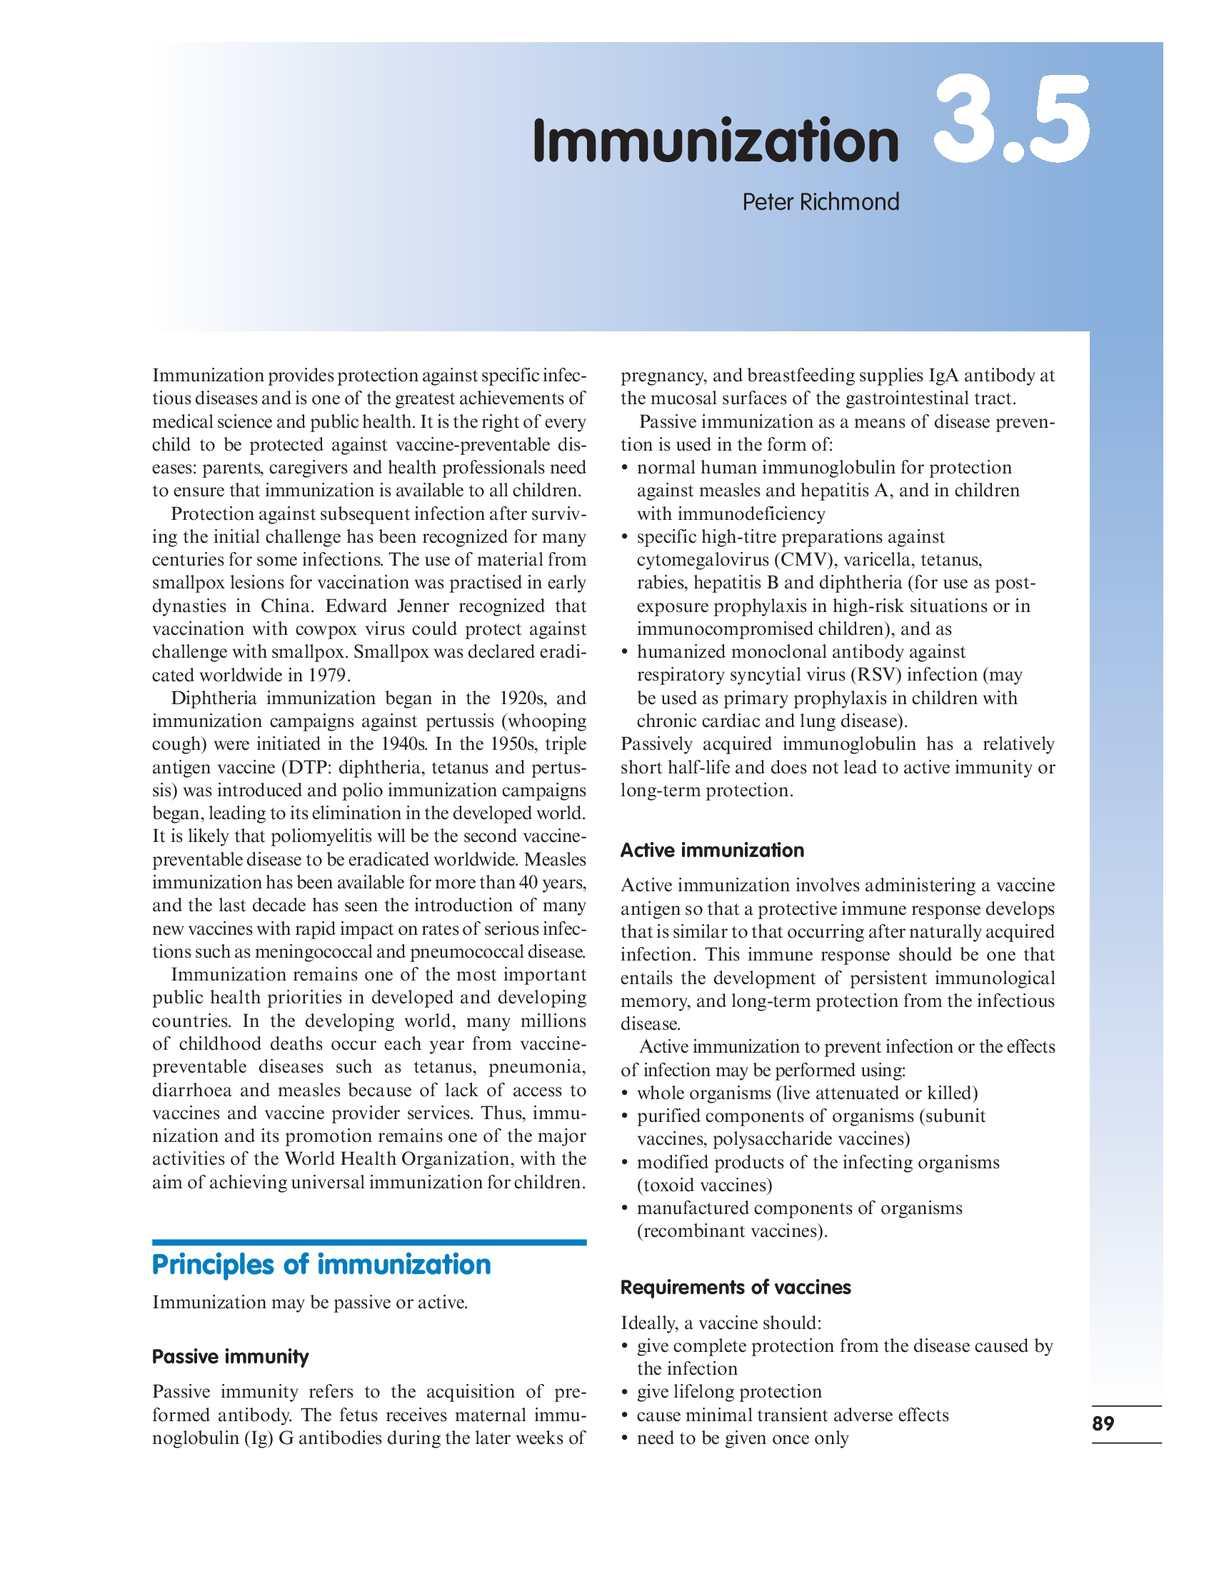 vacuna menicocogal y diabetes